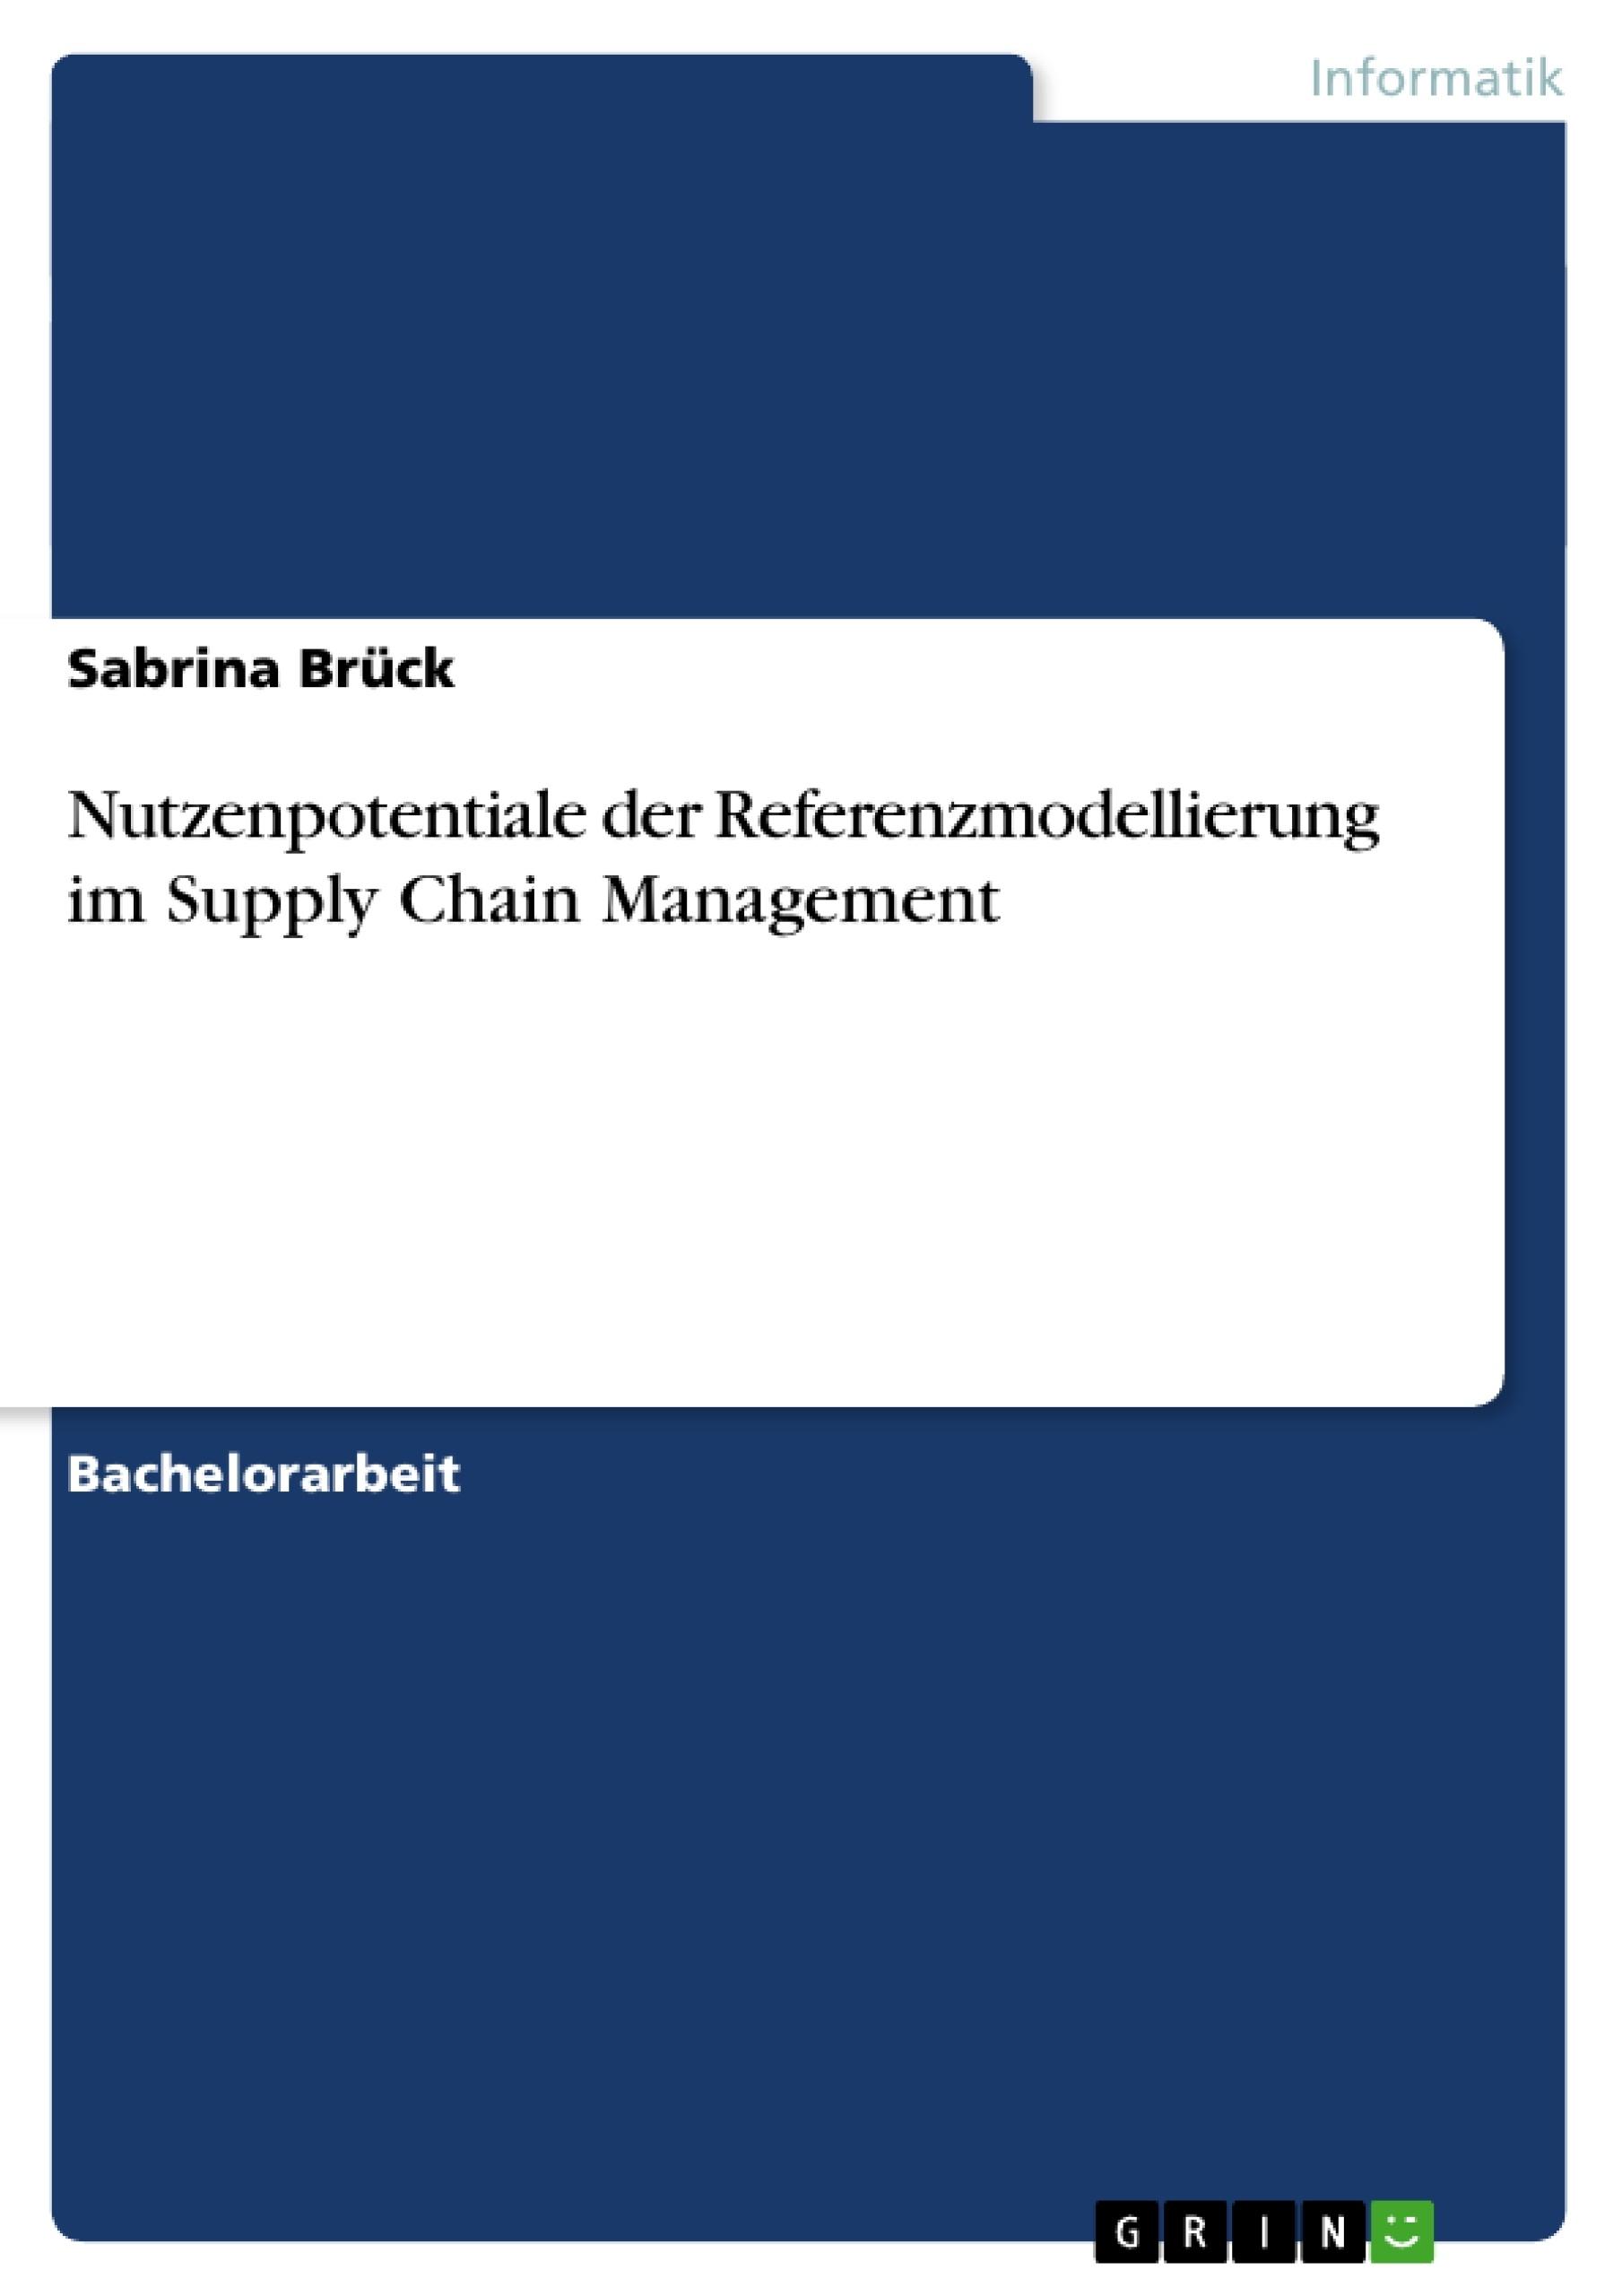 Titel: Nutzenpotentiale der Referenzmodellierung im Supply Chain Management